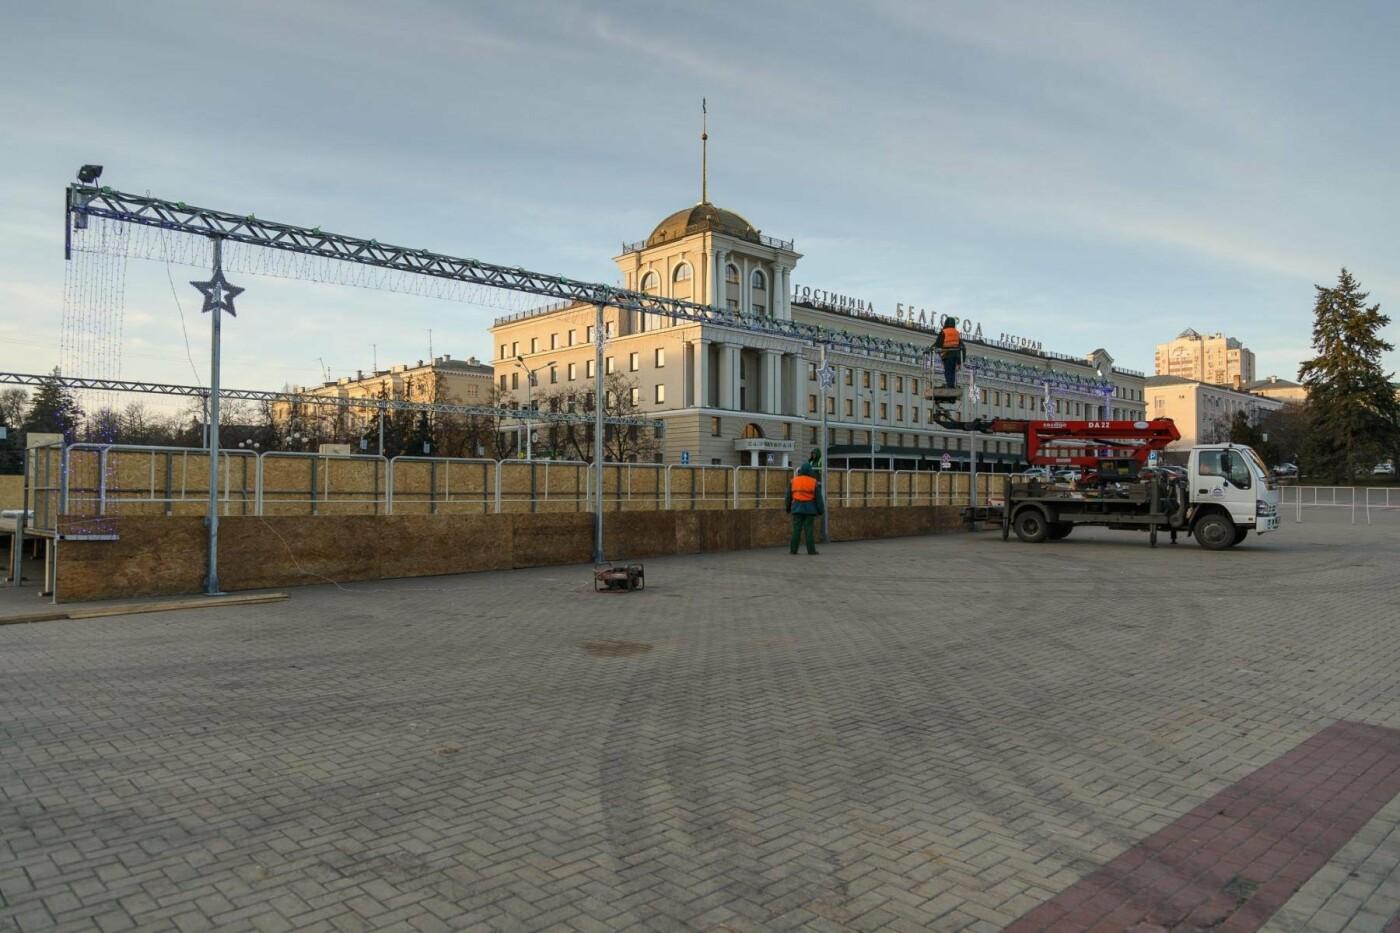 В соцсетях сообщили об установке ёлки на площади, но рабочие всё разобрали. Почему?, фото-9